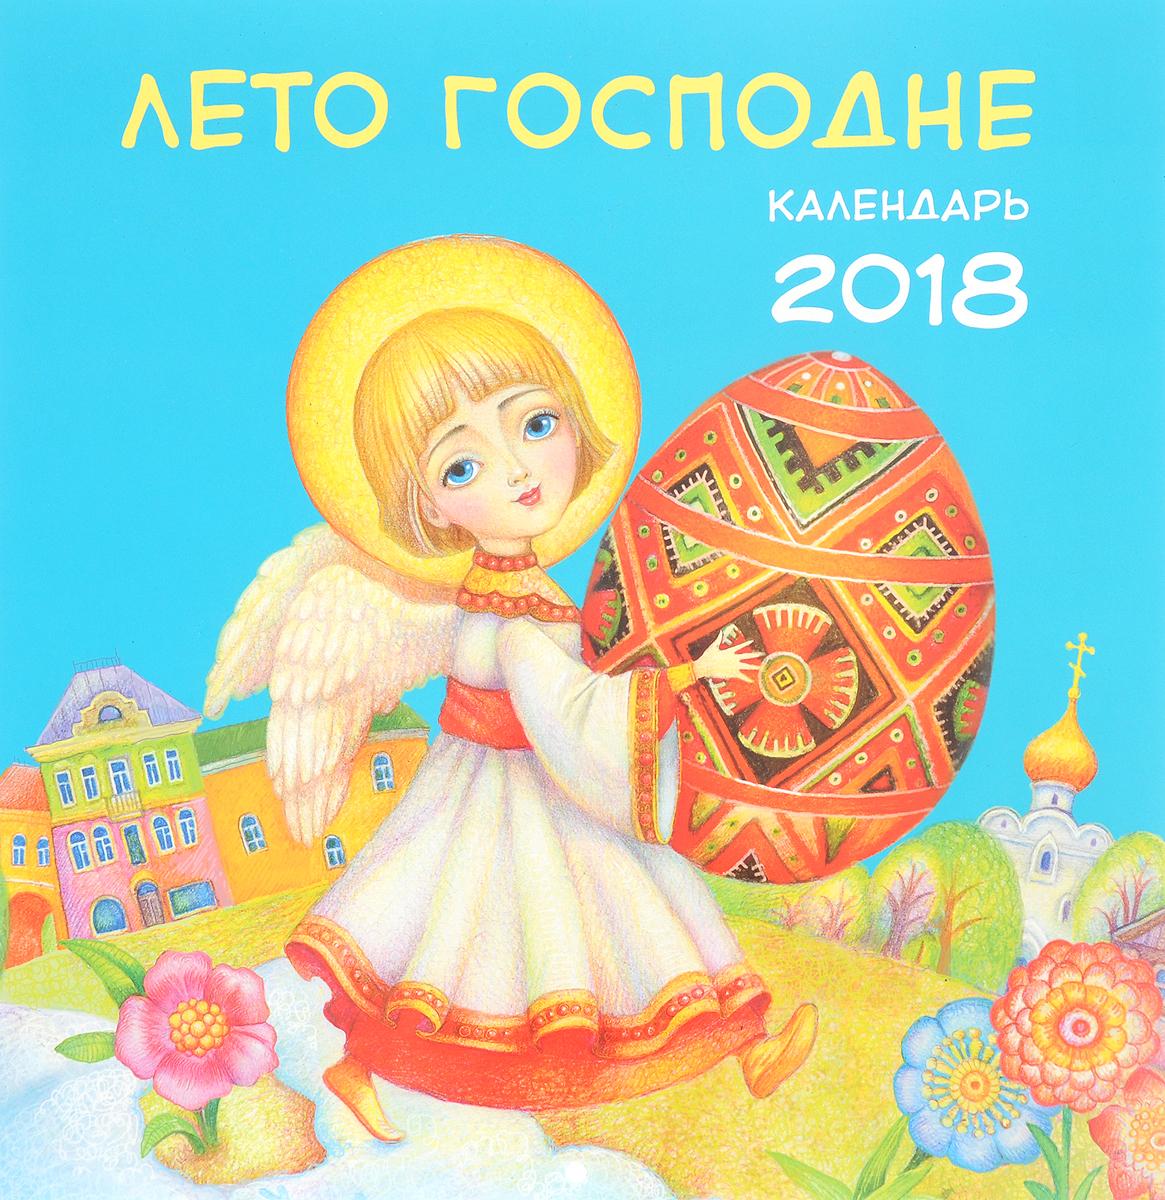 Календарь 2018 (на скрепке). Лето Господне